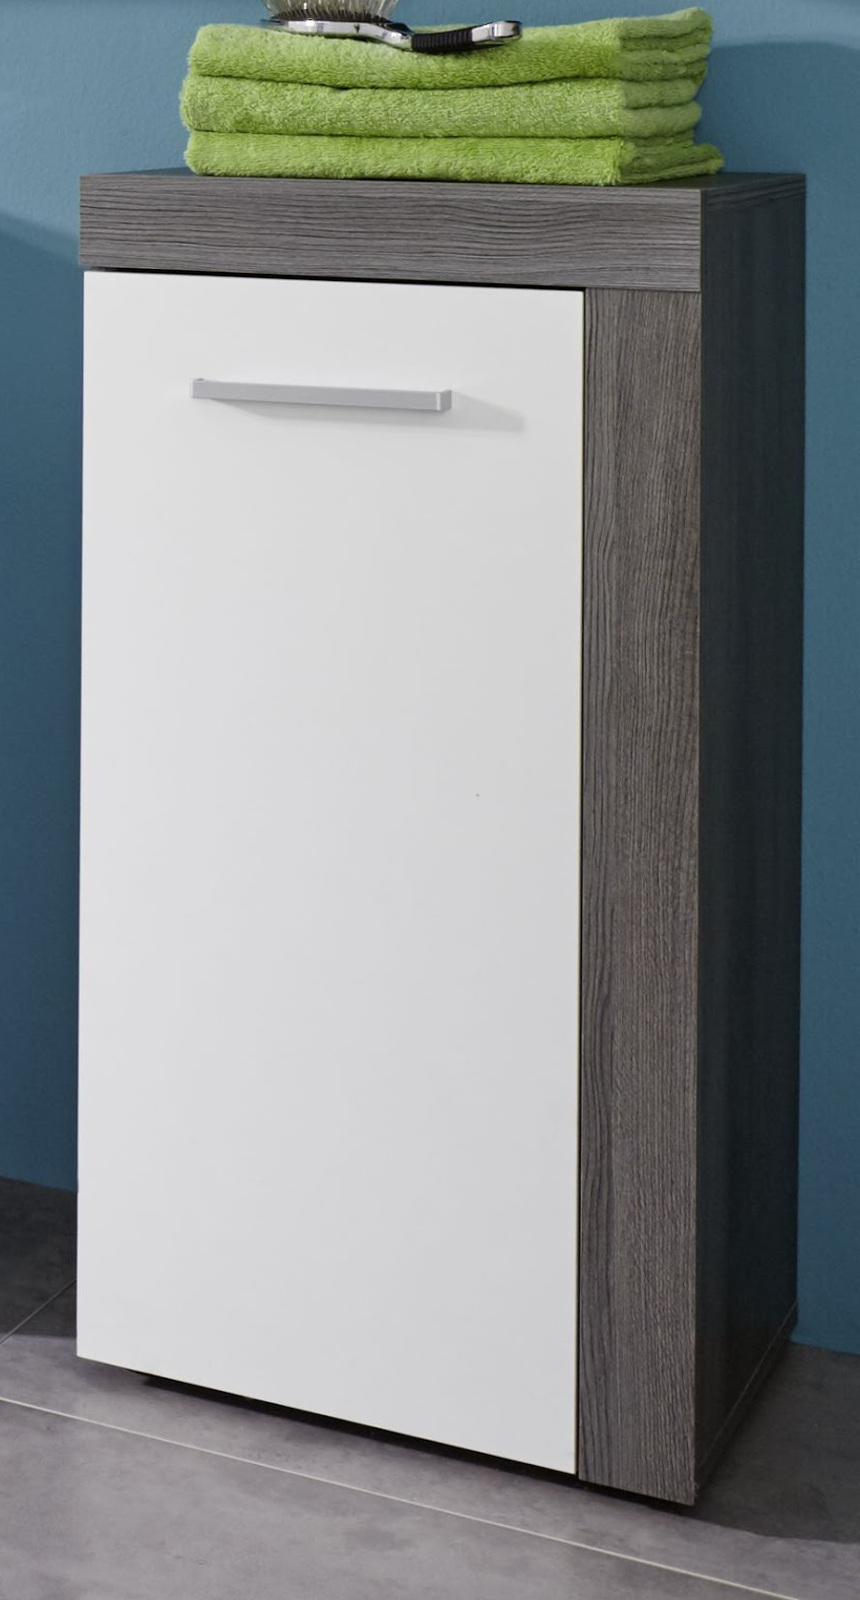 Unterschrank Kommode Miami Badezimmer Schrank Sardegna Rauchsilber Grau Mit  Weiß